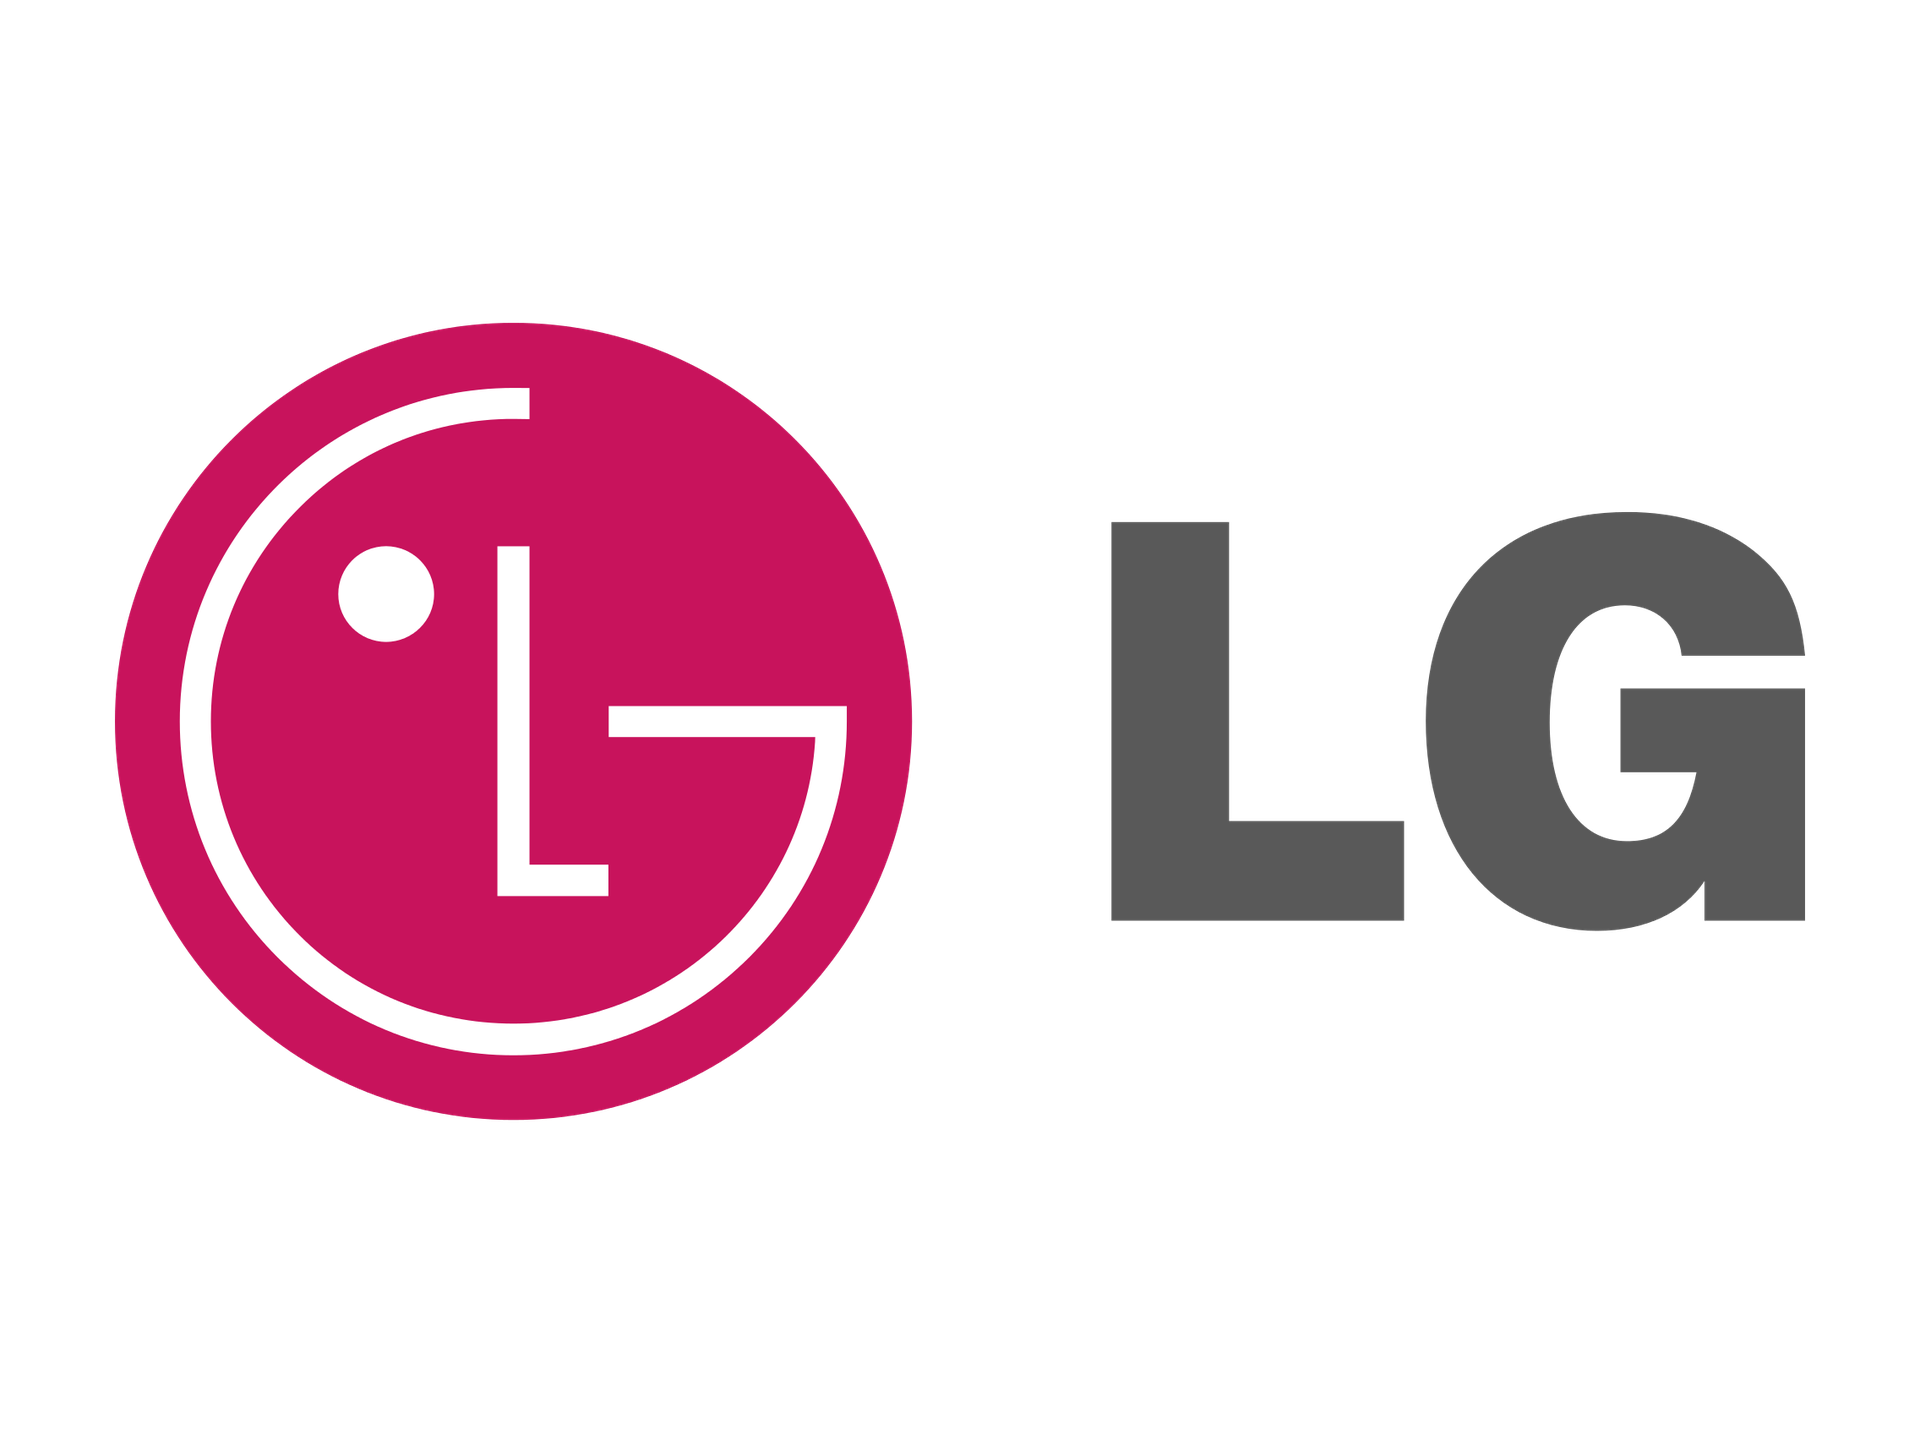 Lg Smart Tv Pdf Manual  Circuit Board Diagrams  Fault